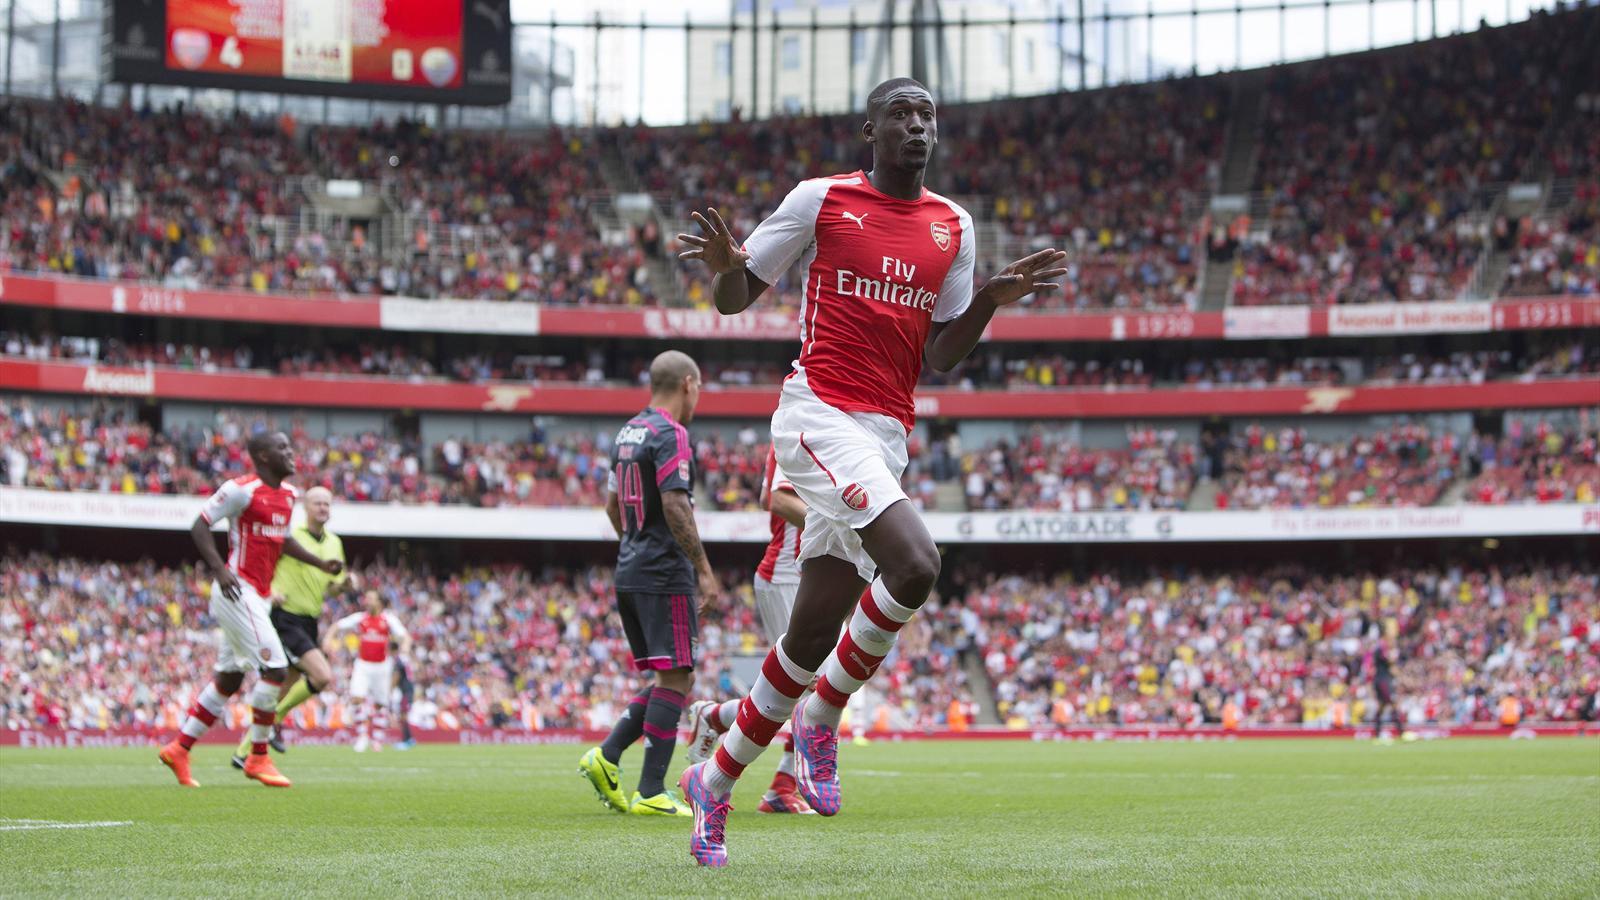 Yaya Sanogo (Arsenal) vole la vedette à Alexis Sanchez face à Benfica (5-1)